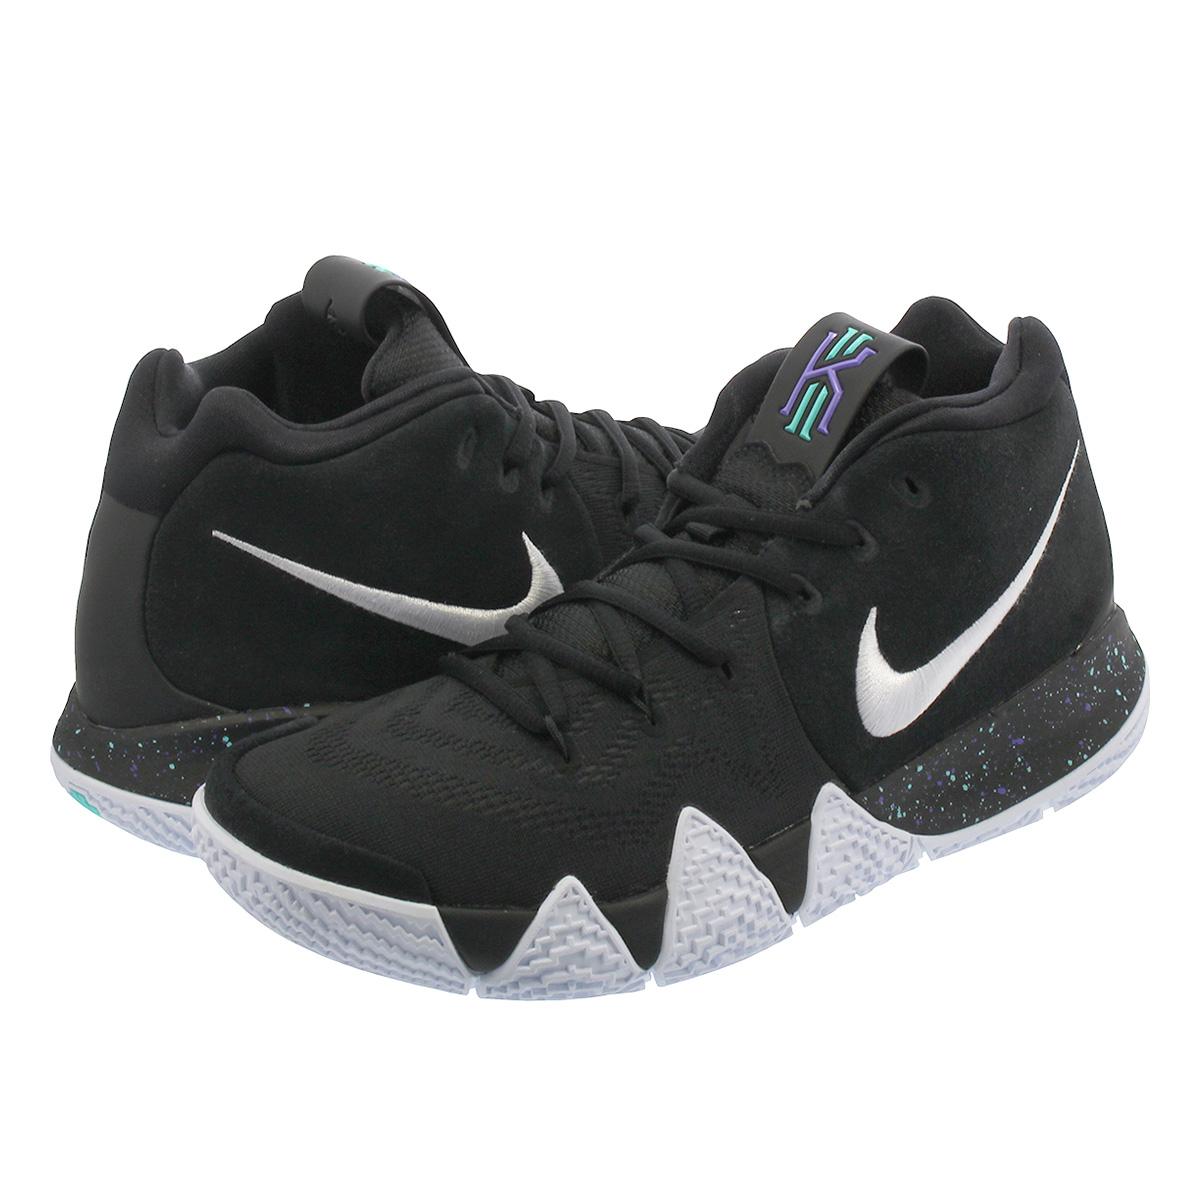 961555034a3 SELECT SHOP LOWTEX  NIKE KYRIE 4 Nike chi Lee 4 BLACK WHITE 943